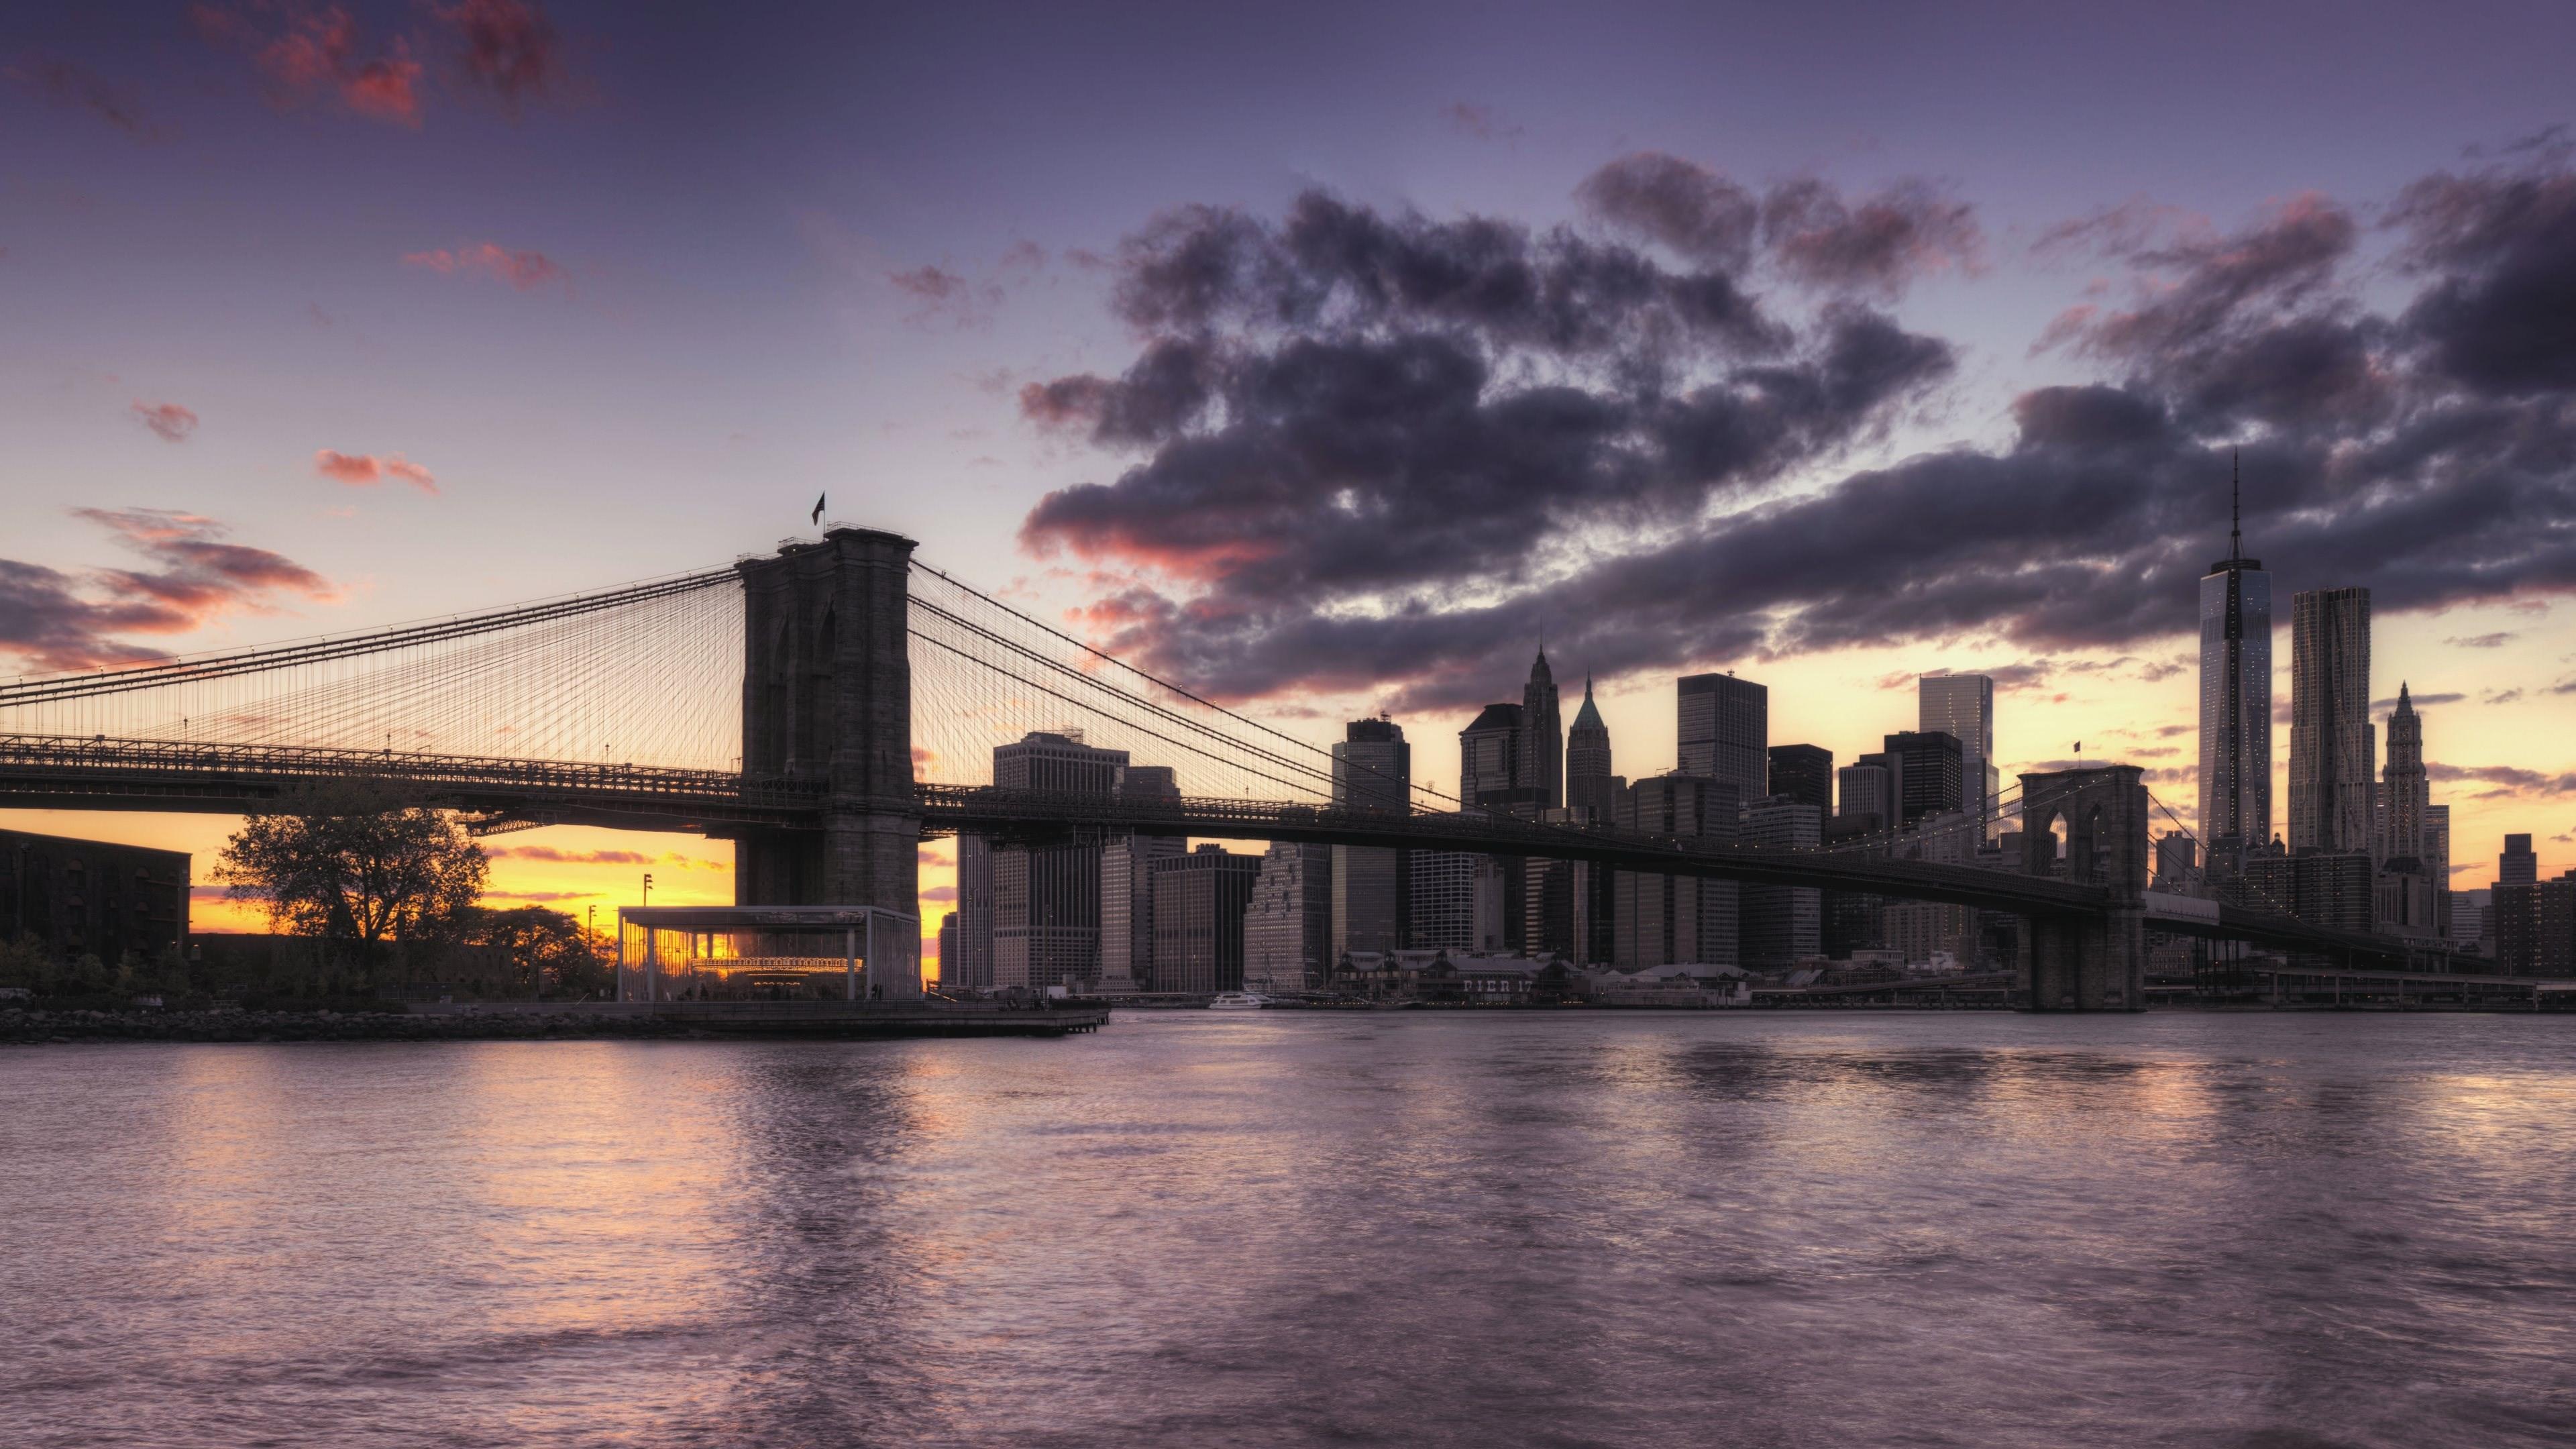 Supar Car Hd Wallpaper Brooklyn Bridge Wallpaper 76 Images